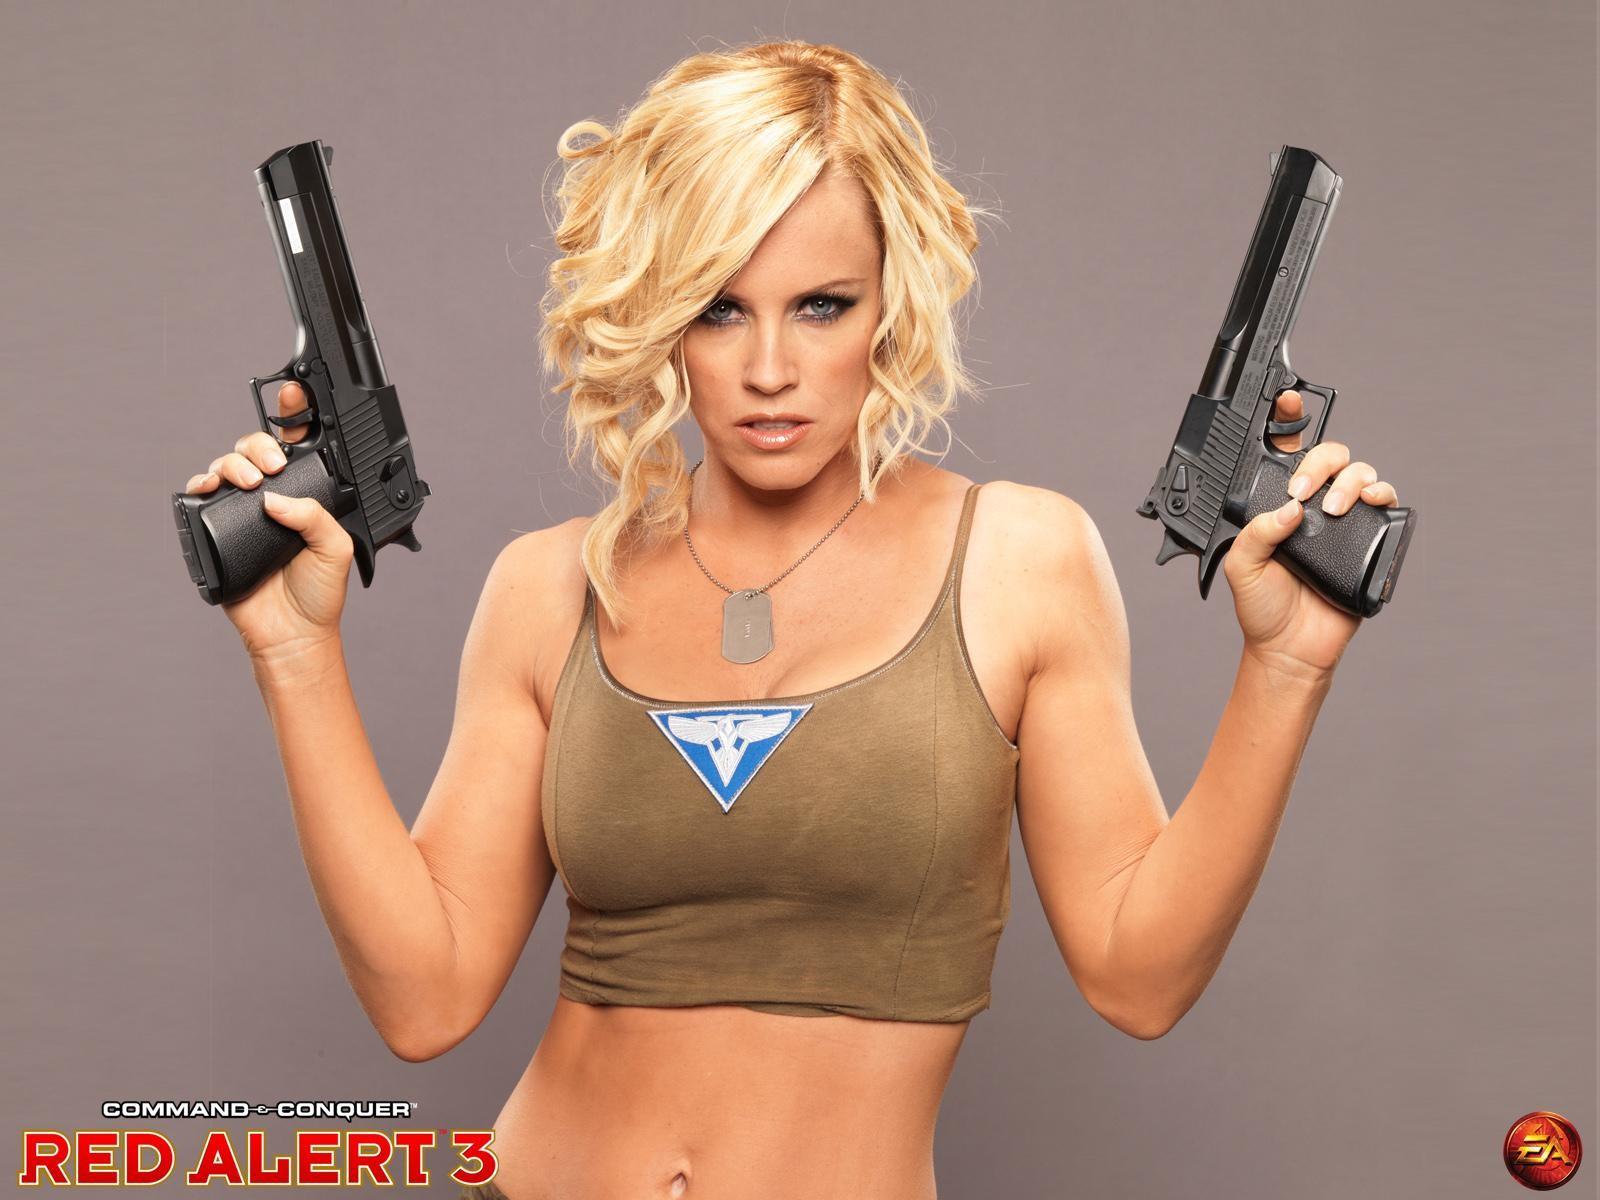 http://1.bp.blogspot.com/-2Bsz_RHqHrI/UHnKrvO4ZfI/AAAAAAAAF70/8EjSnVnipVo/s1600/women_jenny_mccarthy_girls_with_guns_desktop_1600x1200_hd-wallpaper-751274.jpeg